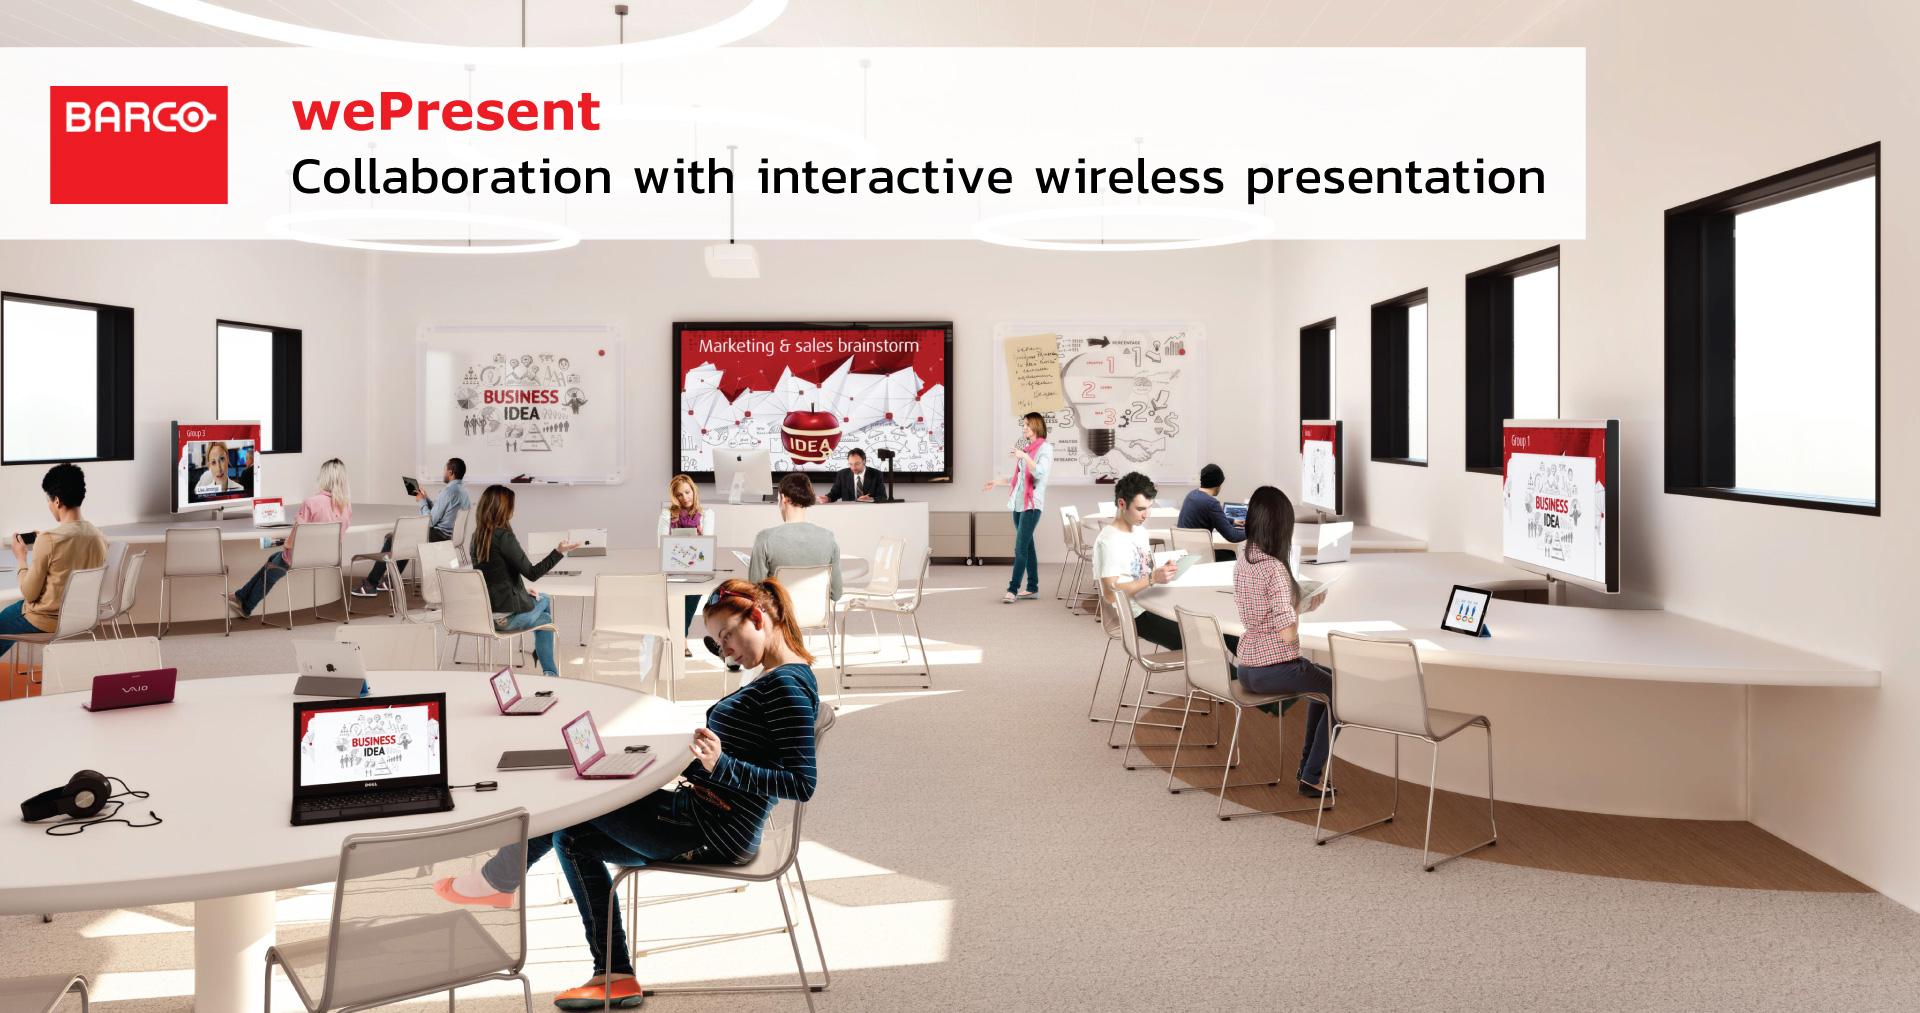 WePresent พรีเซนท์ไร้สาย ผ่าน WiFi คำตอบของห้องประชุม และห้องเรียน เพิ่มประสิทธิภาพให้กับงานนำเสนอ